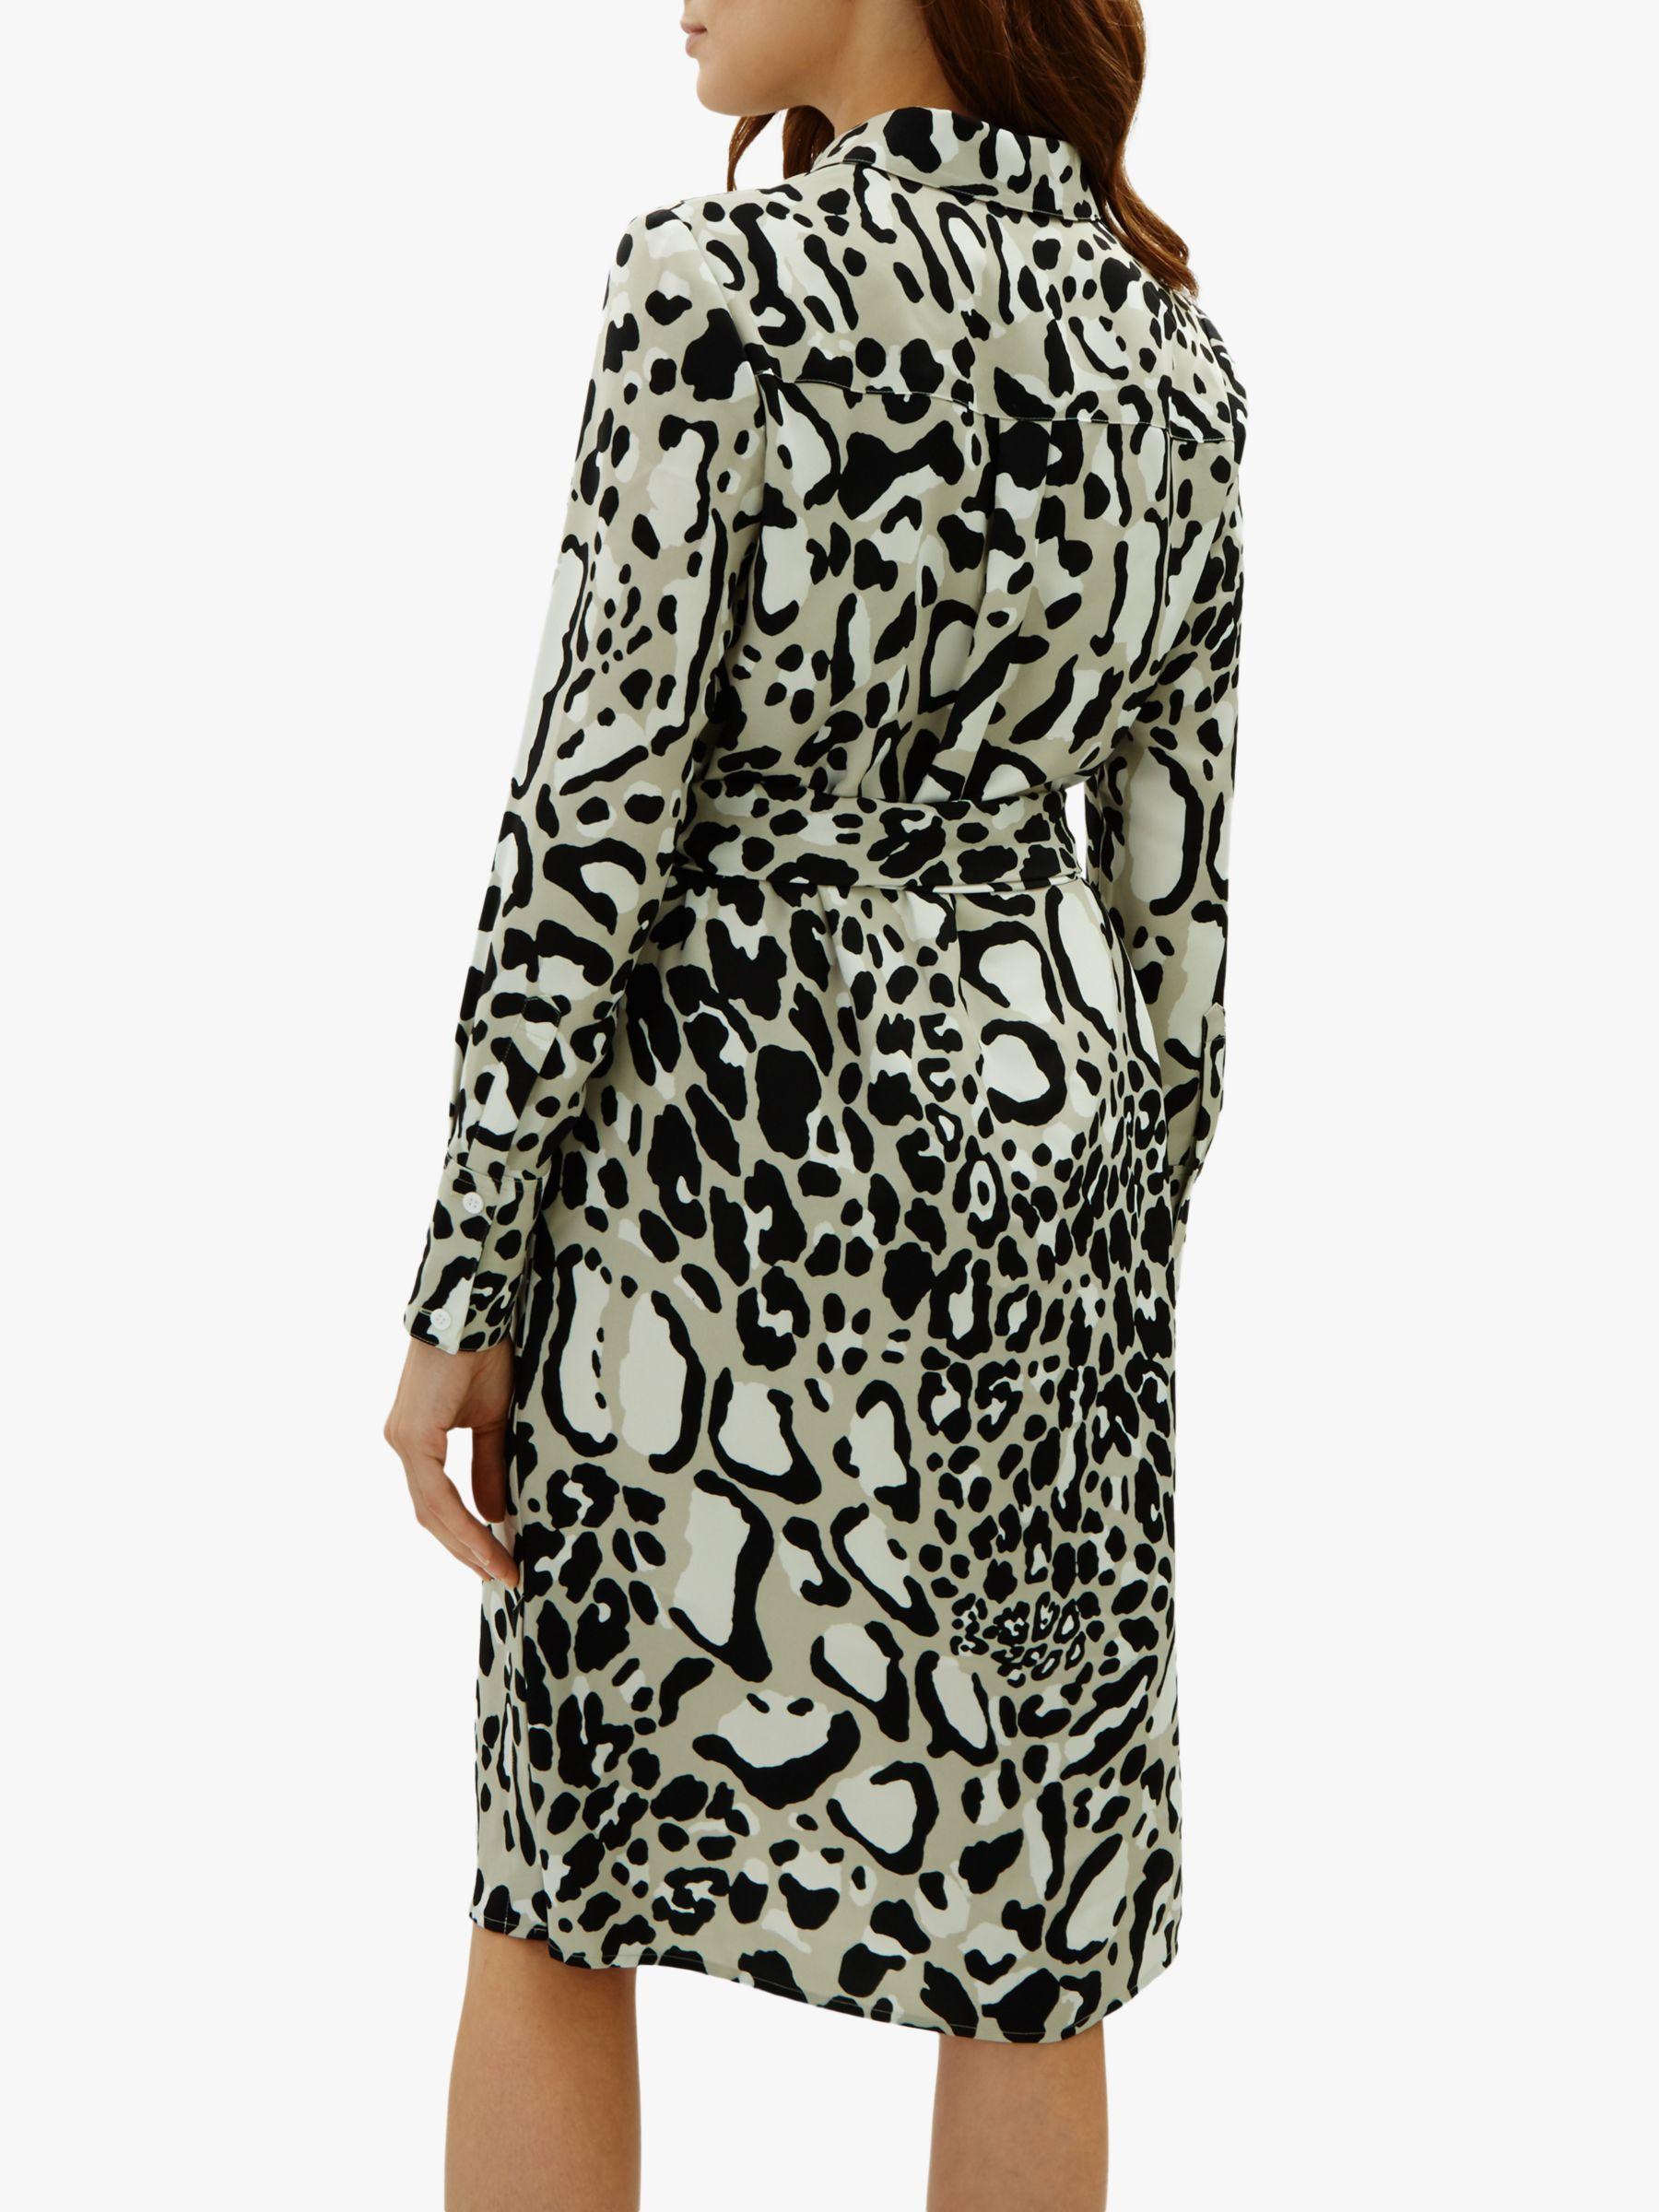 Jaeger - Multicolor Leopard Print Dress - Lyst. View fullscreen c14b6d6ea